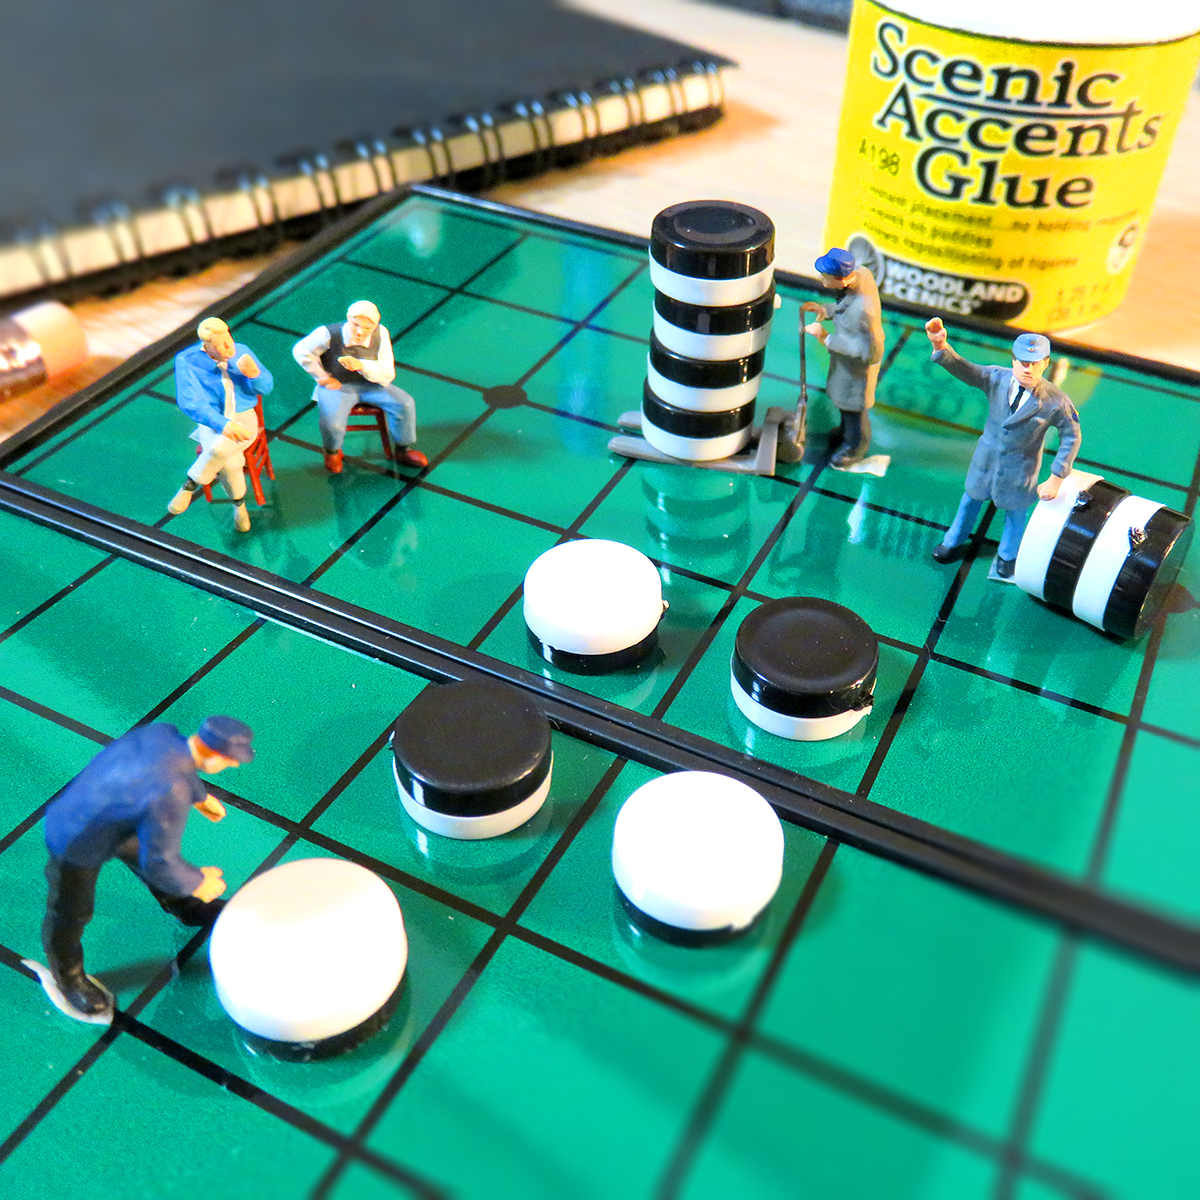 巨大オセロゲームを楽しむ人達